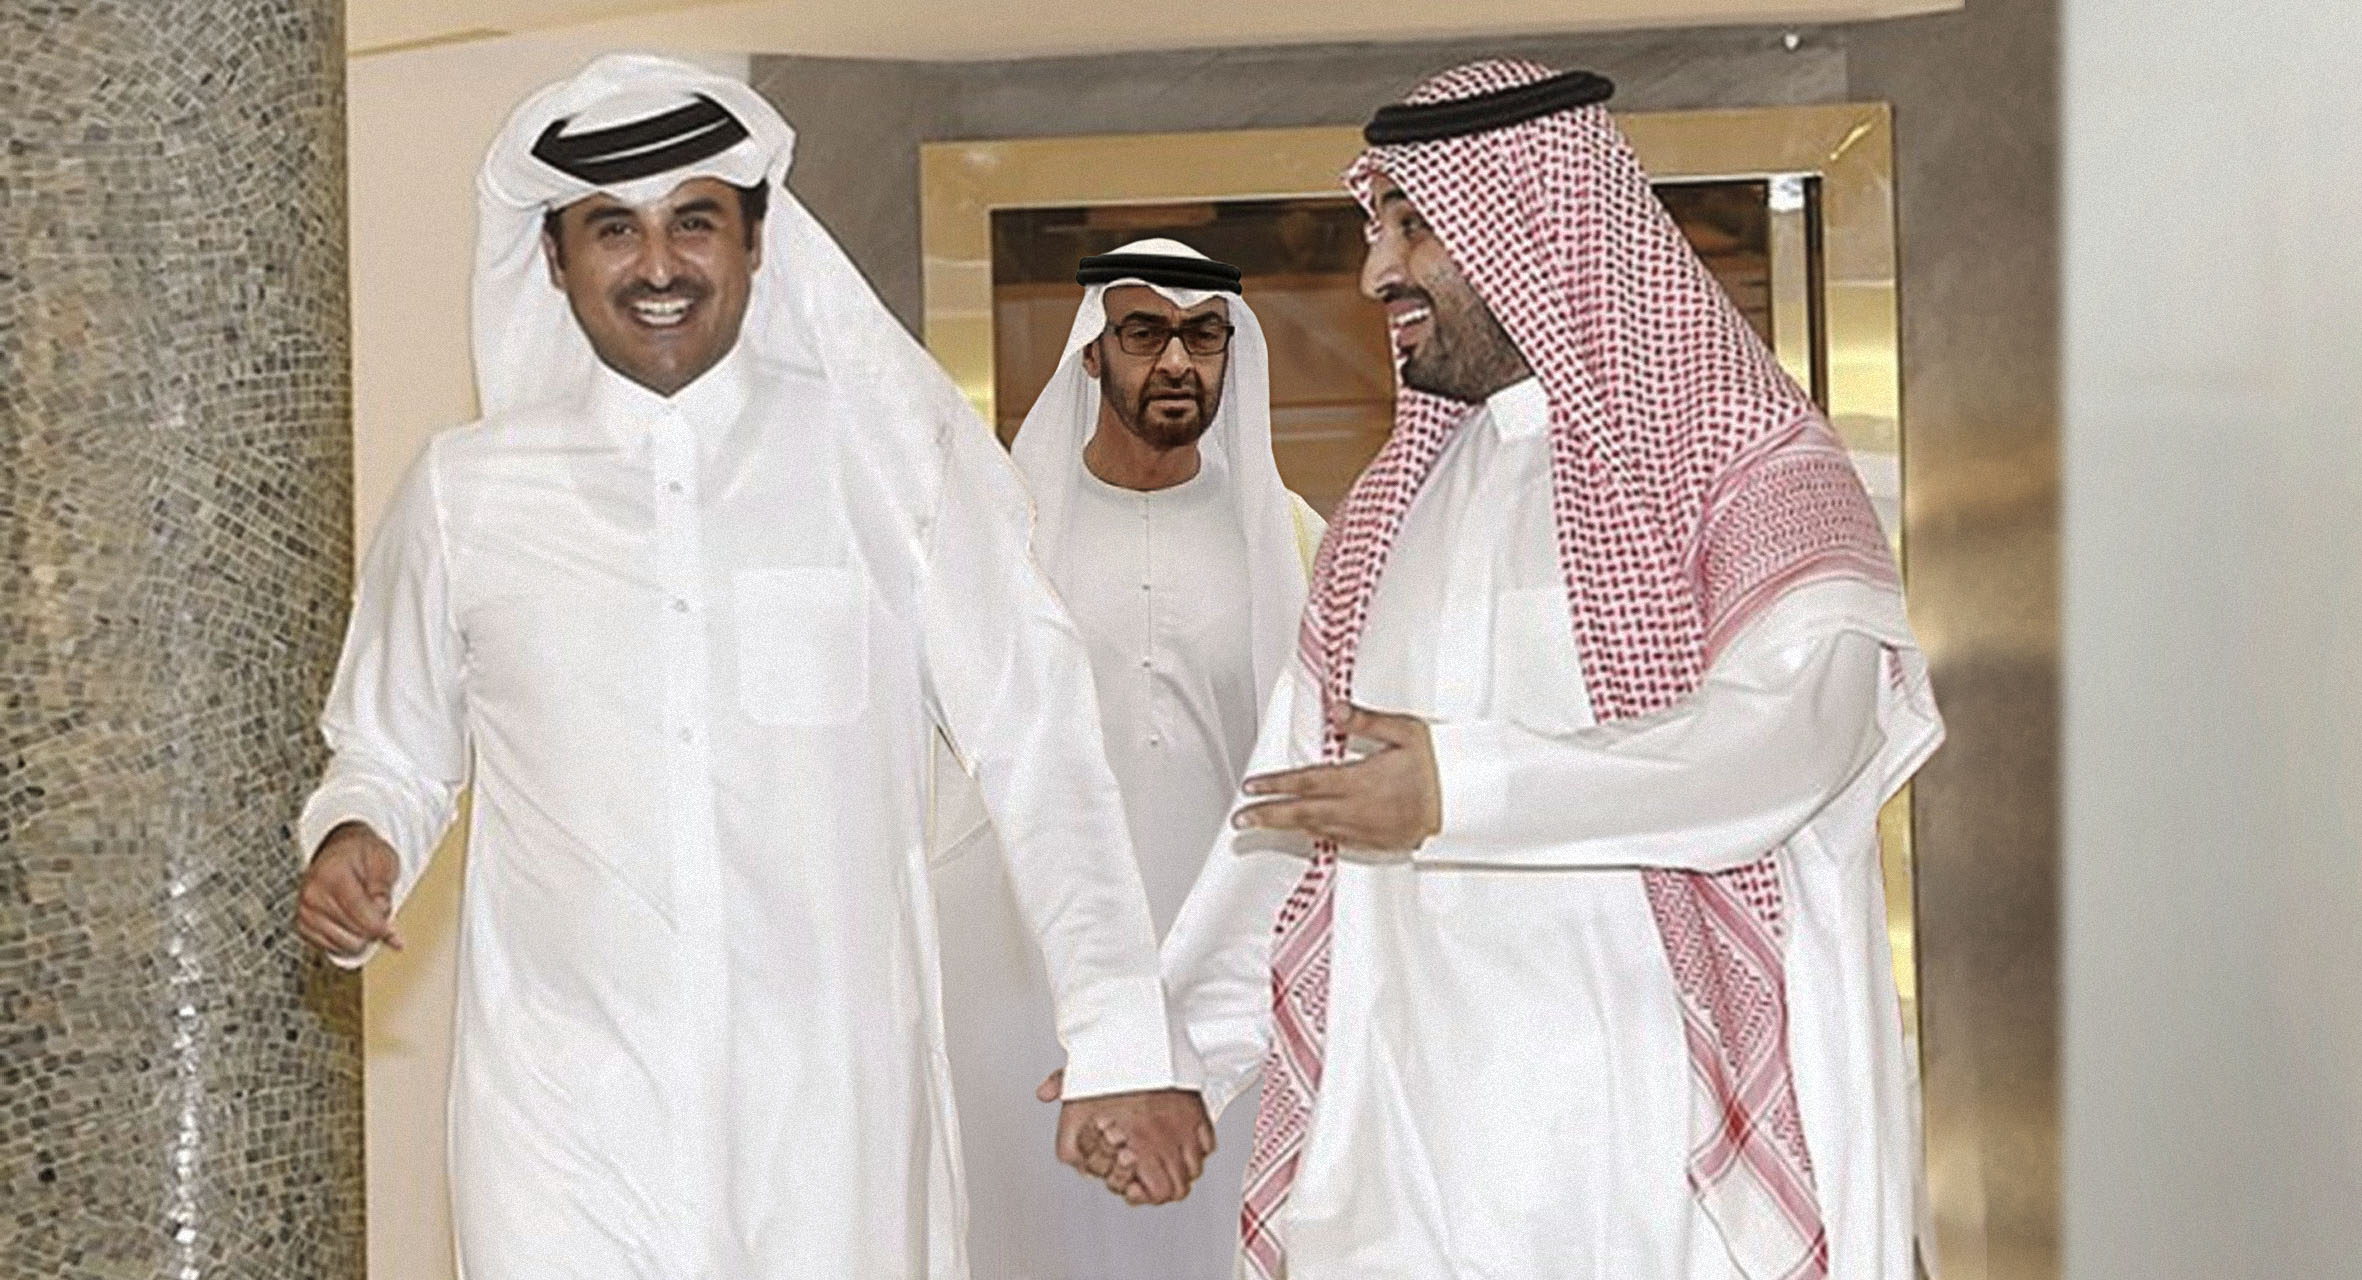 صورة السعودية تسبق الإمارات نحو التطبيع مع قطر نكاية باستعجالها التطبيع مع إسرائيل